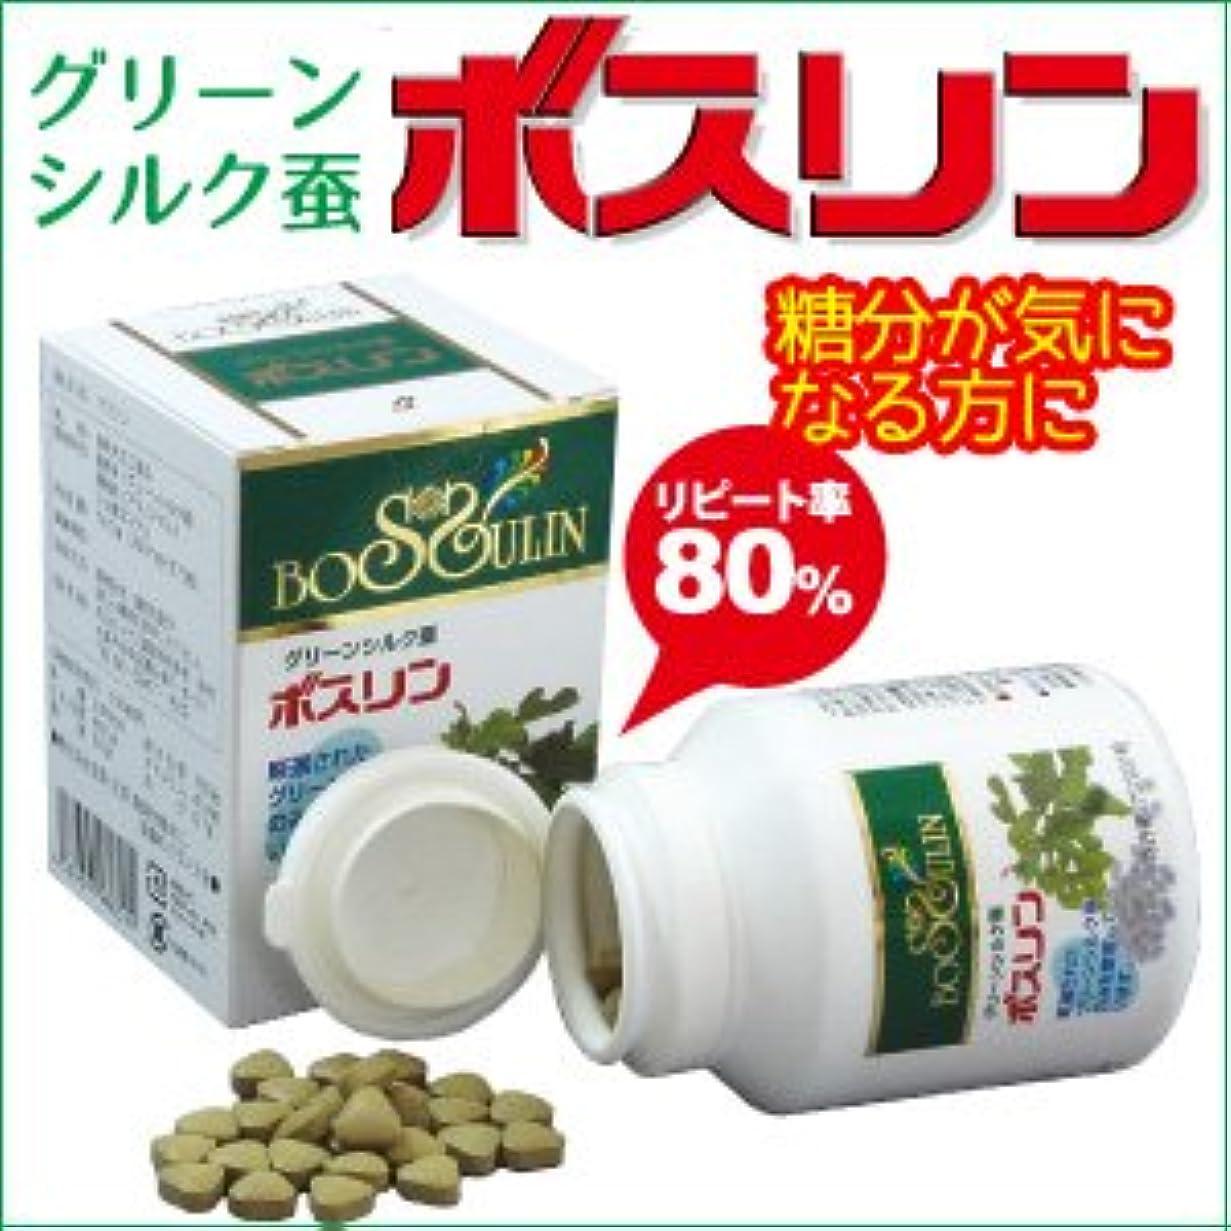 磁気チャネルリビジョンボスリン 桑の葉を主食とする厳選された蚕を使用したグリーンシルク蚕(蚕粉末)を配合!